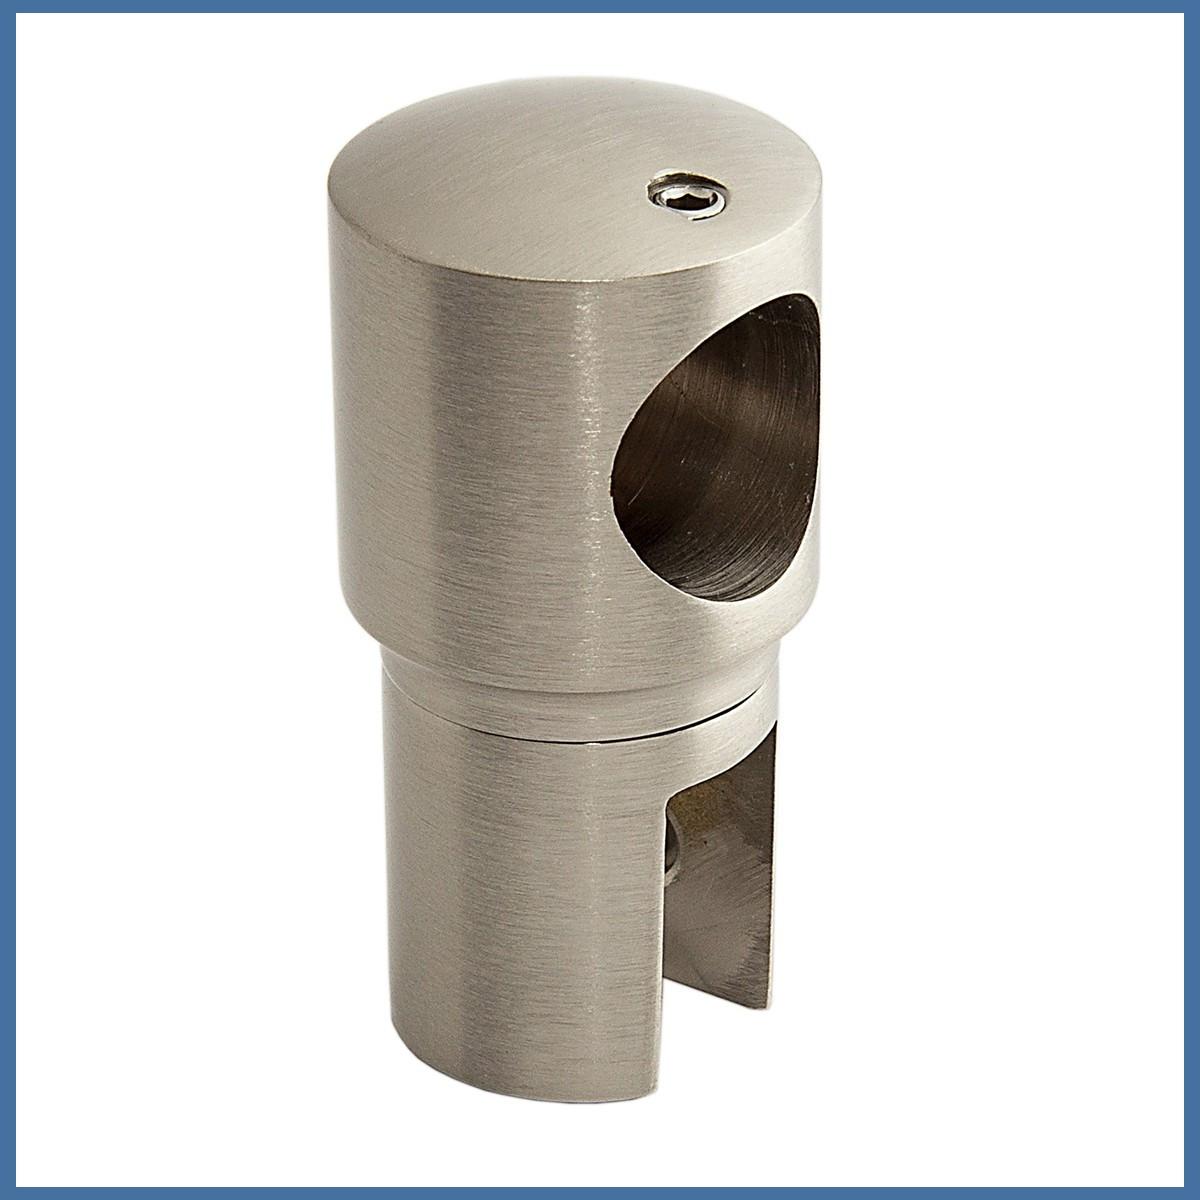 Fixum Glashalter für Haltestange für Duschen, VA-Finish